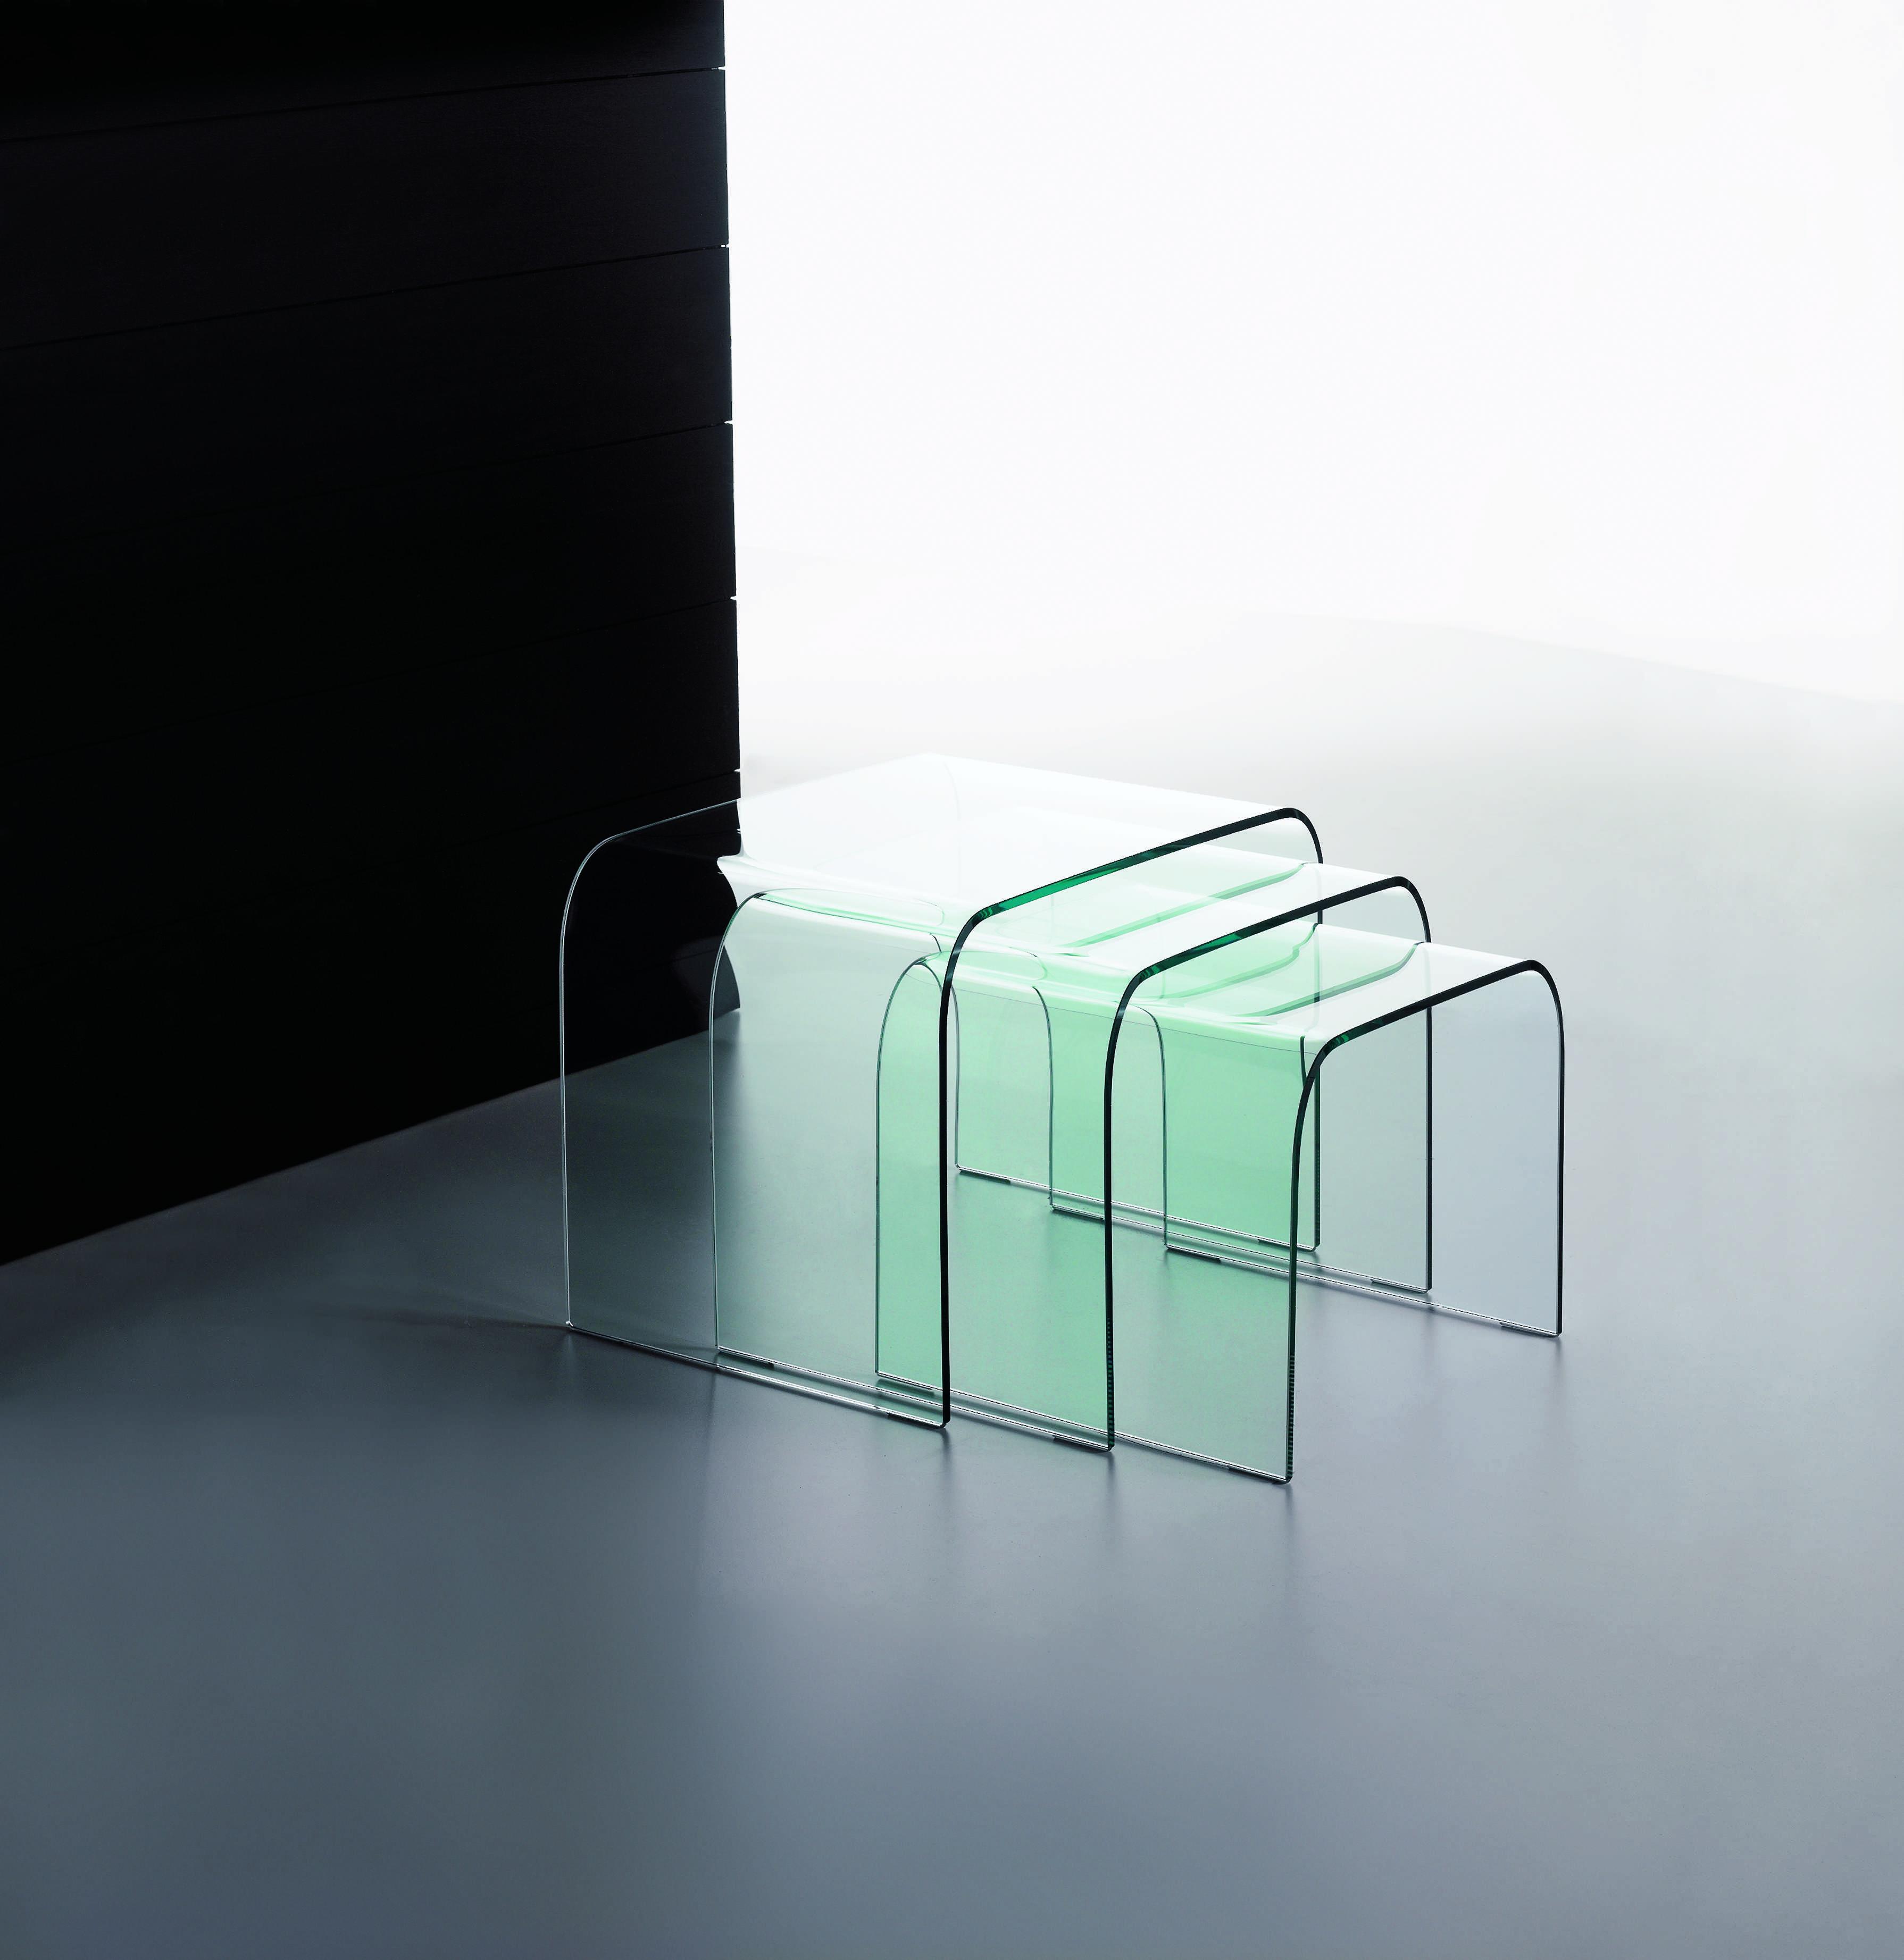 beistelltisch design nach pietro chiesa online kaufen. Black Bedroom Furniture Sets. Home Design Ideas